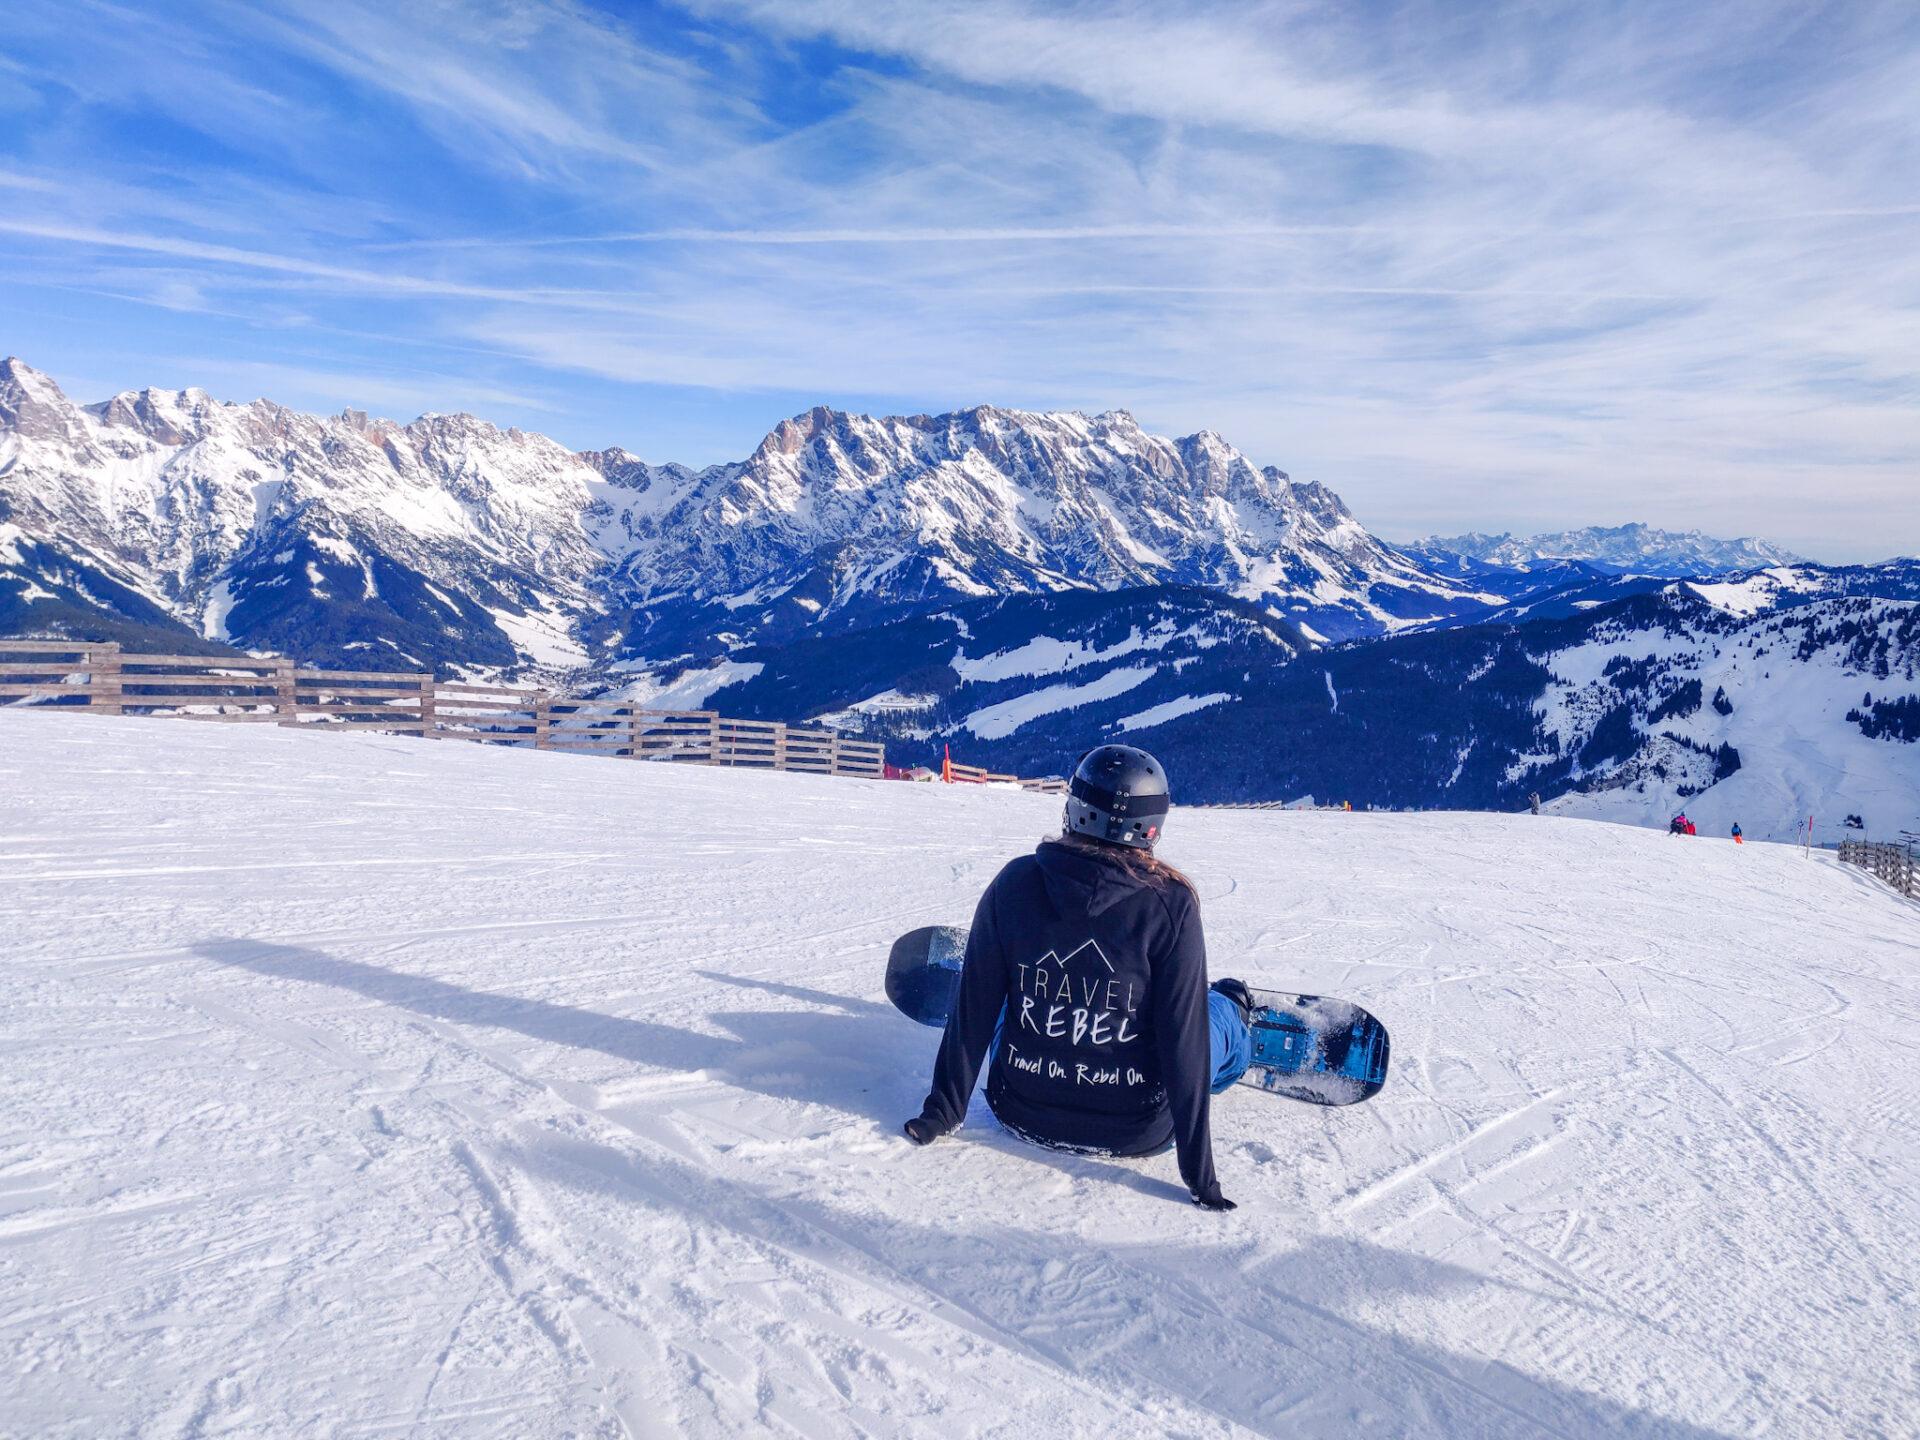 Reisblogger TravelRebel in Oostenrijk, duurzaam reizen, Charlotte Noël